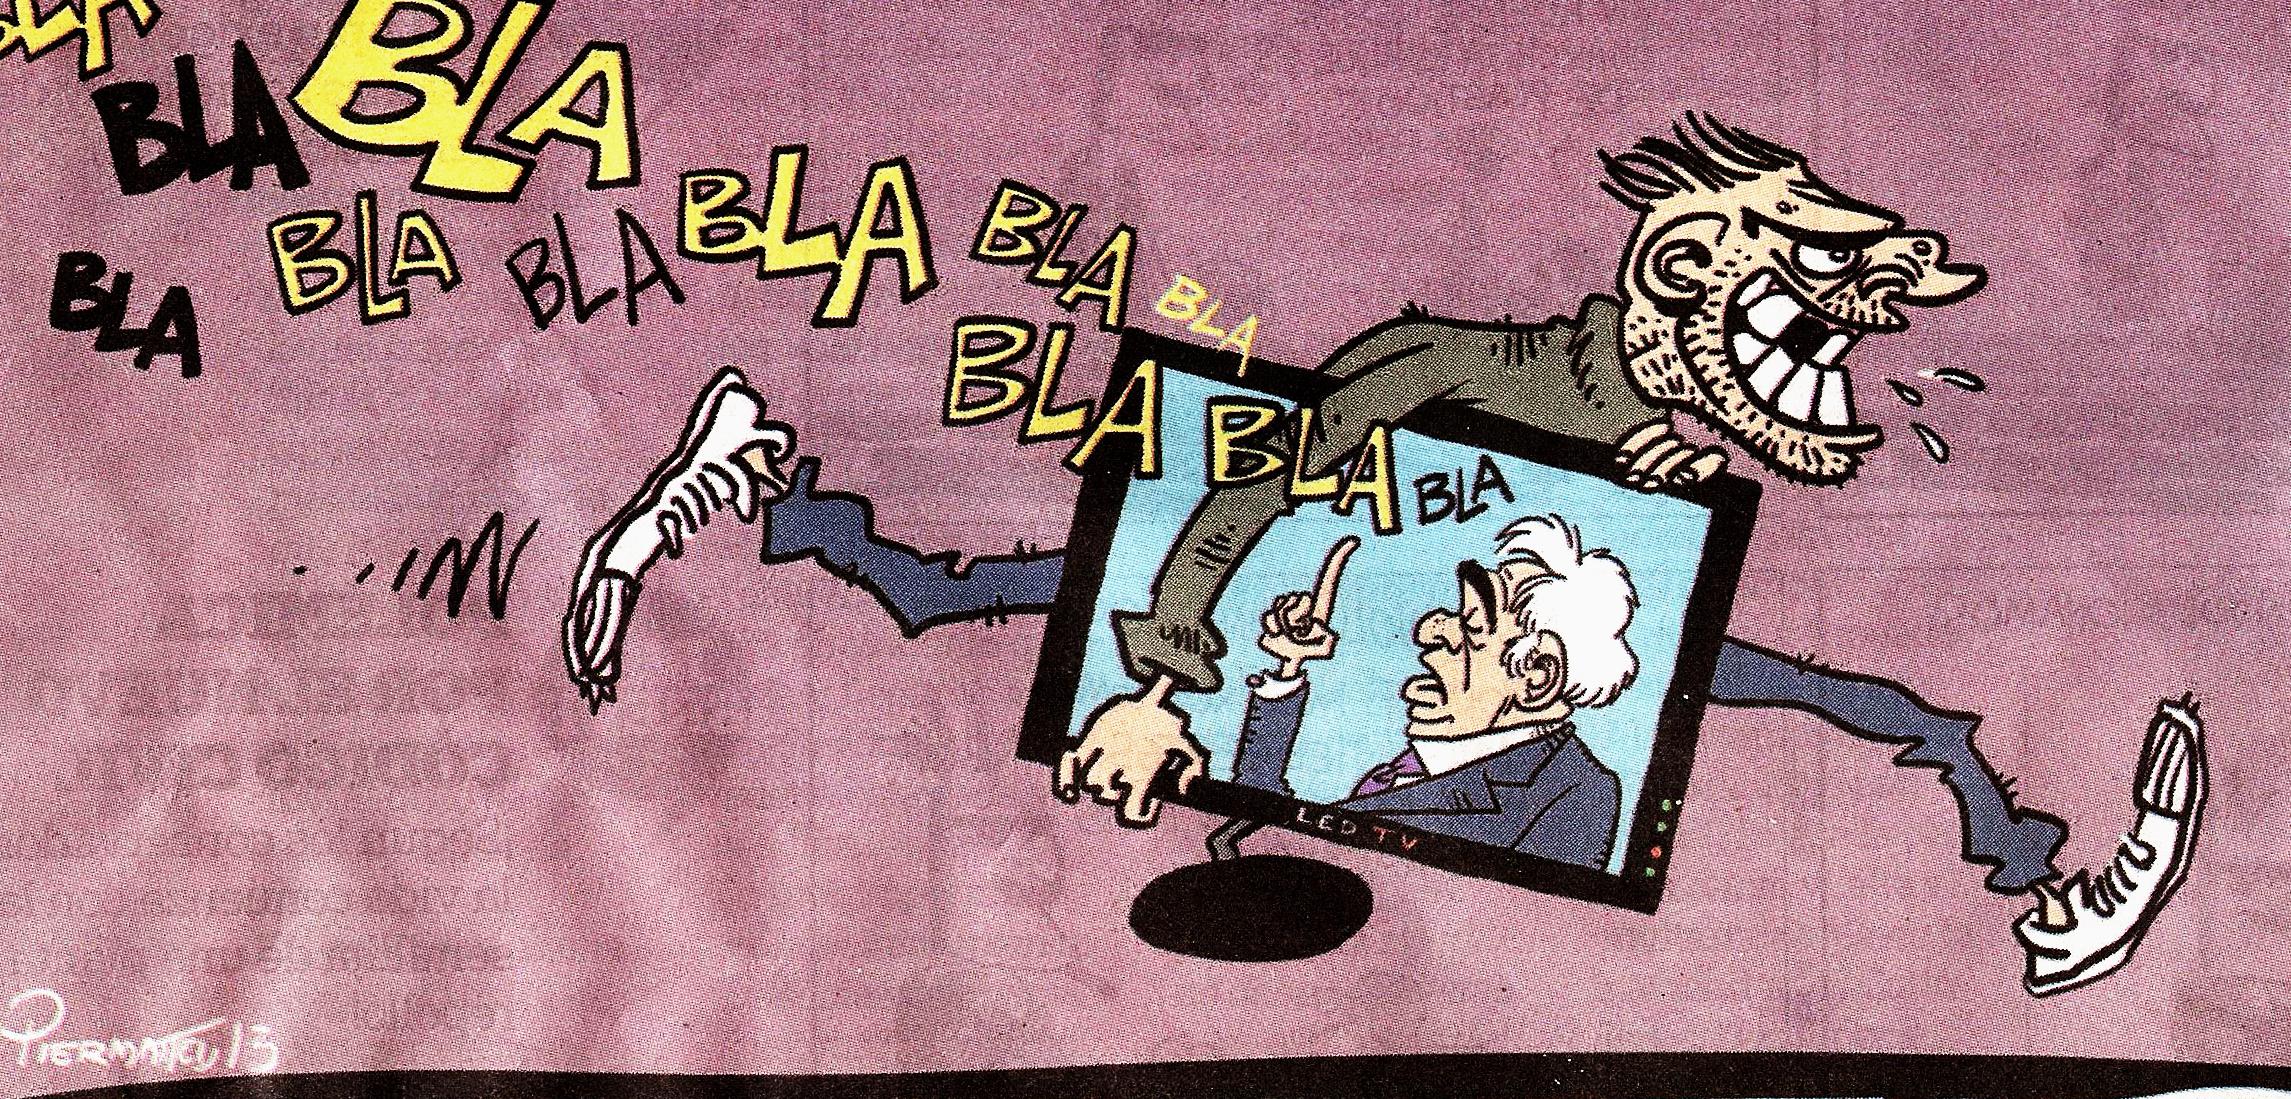 """Saqueos 4 dic 2013 Dibujo realizado por el artista Piermatei en el suplemento: HumorconVoz del diario: """"La Voz del Interior"""", edición del 8 de diciembre del 2013"""